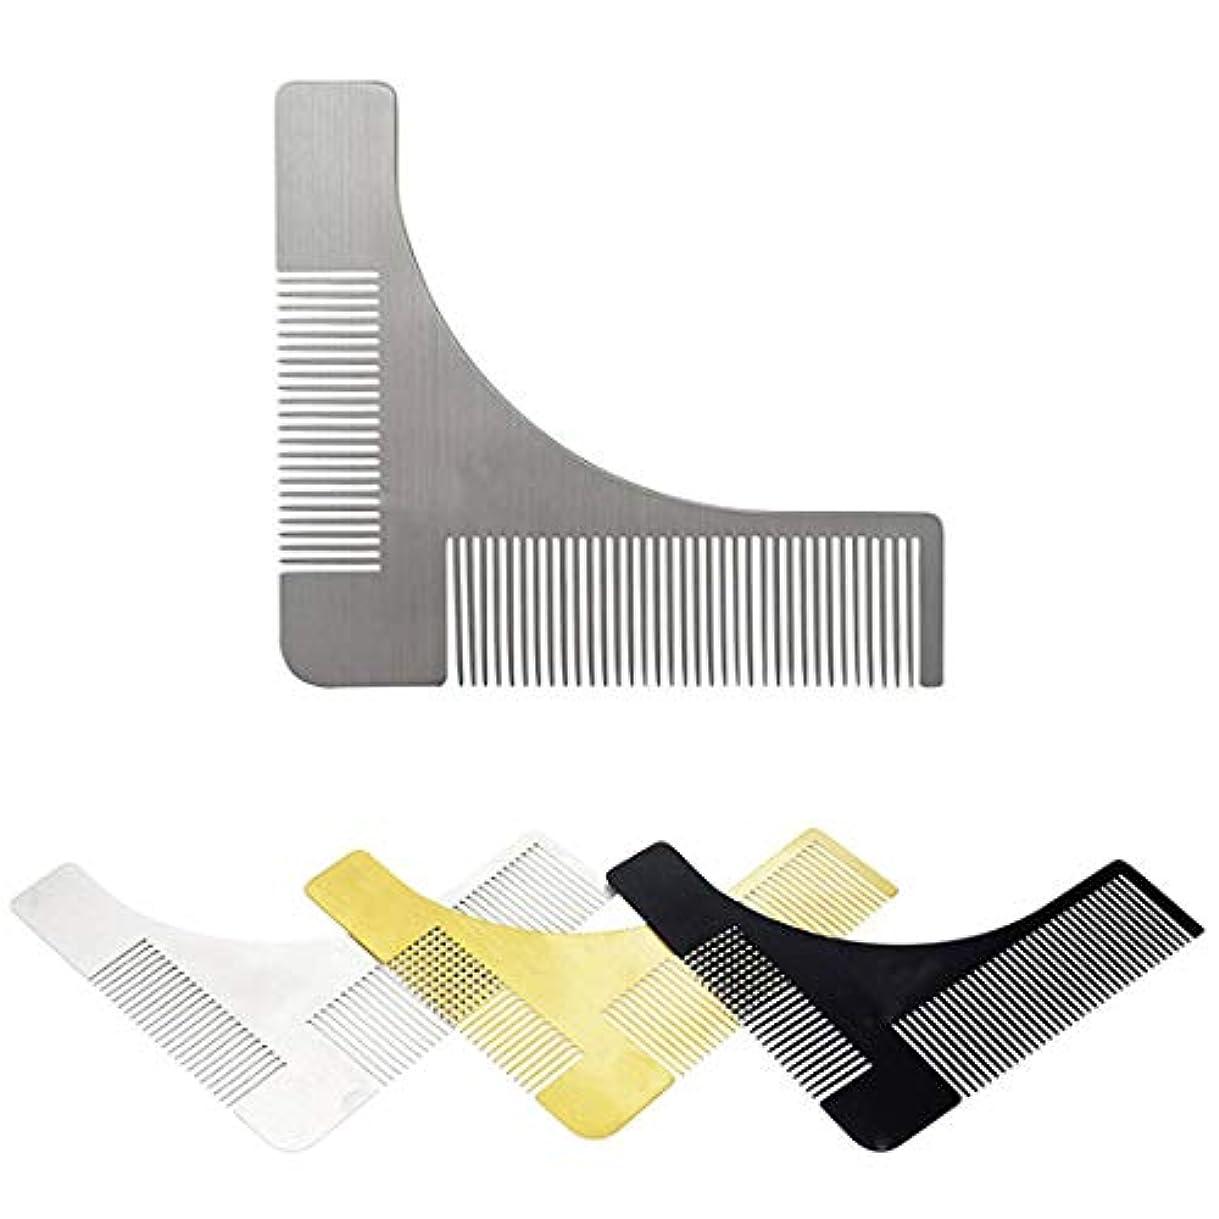 騒タヒチ不名誉なステンレス鋼のひげのスタイリングおよび形成のための型板の櫛用具 モデリングツール (色 : 304 material)